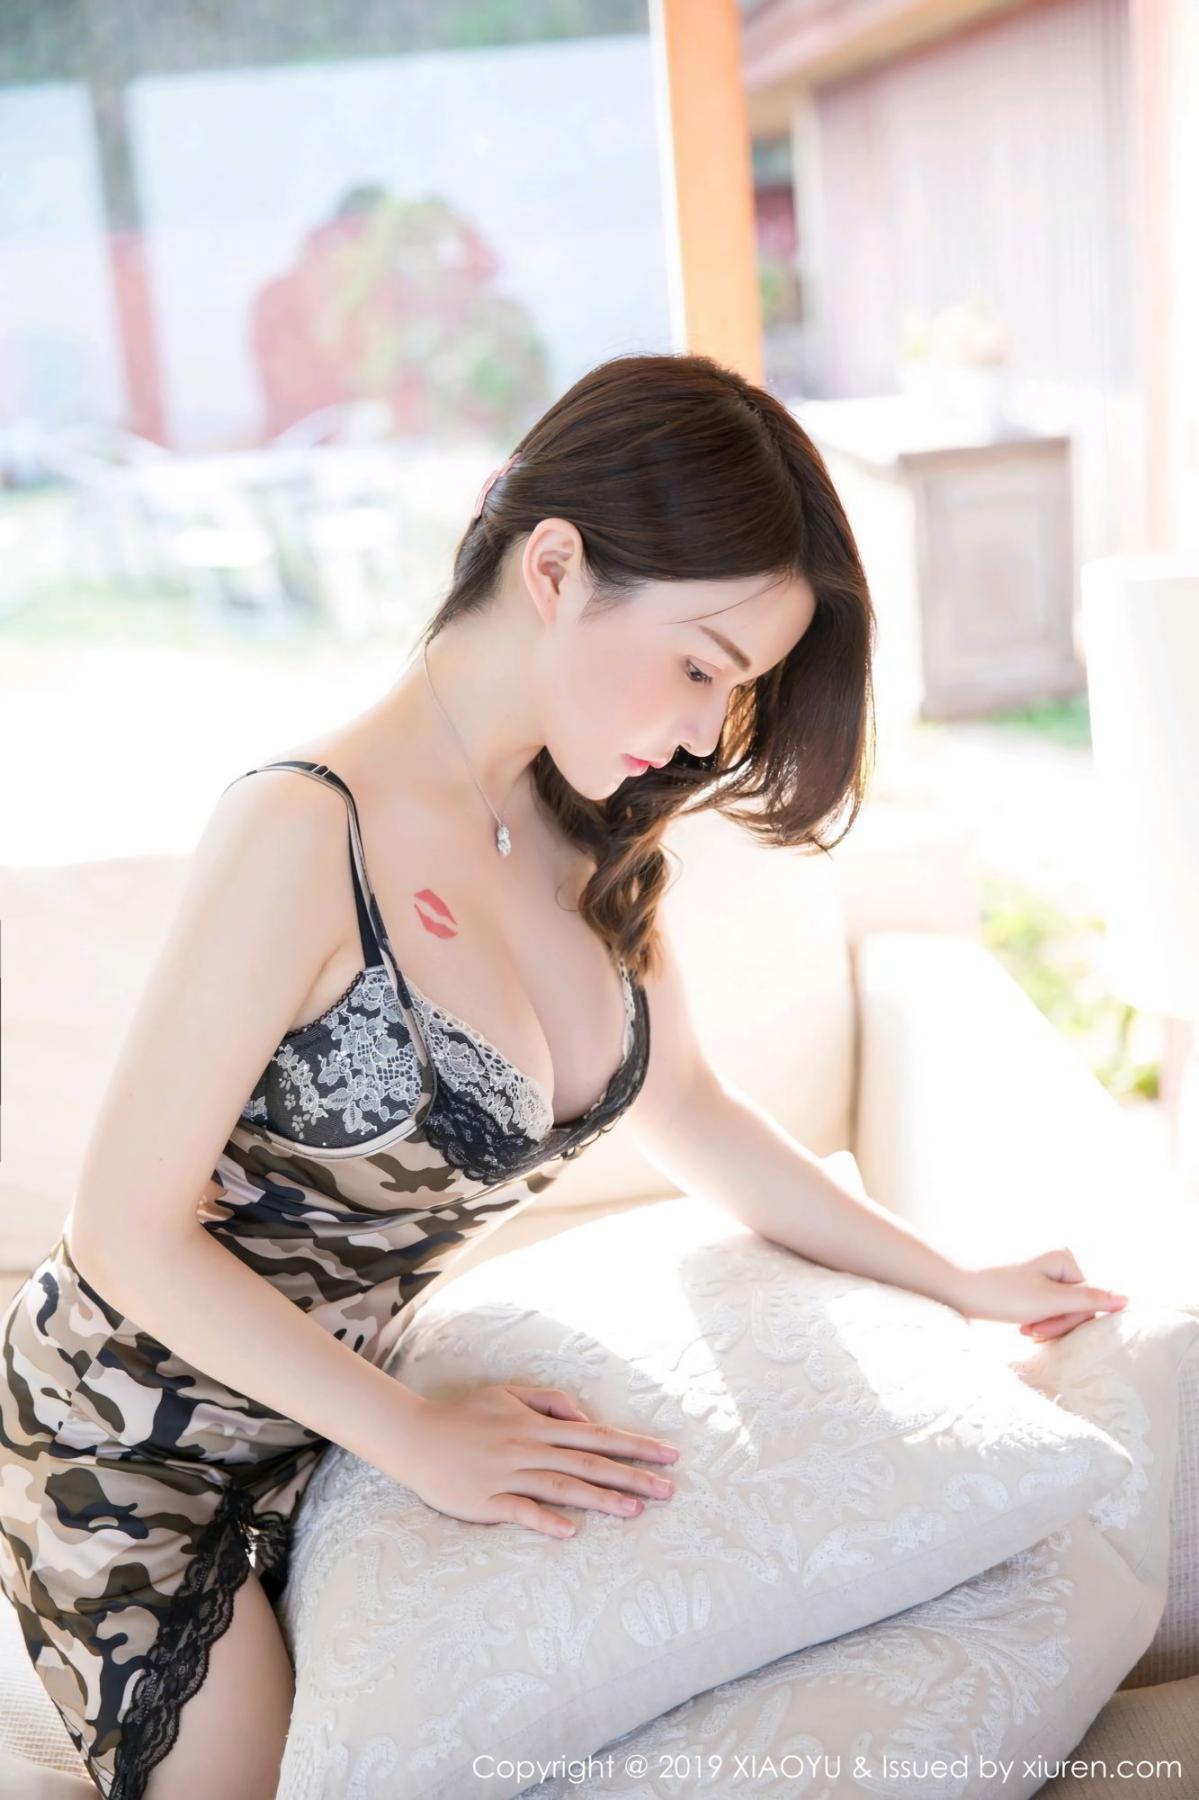 [XiaoYu] Vol.137 Shen Mi Tao 38P, Kimono, Shen Mi Tao, Underwear, XiaoYu